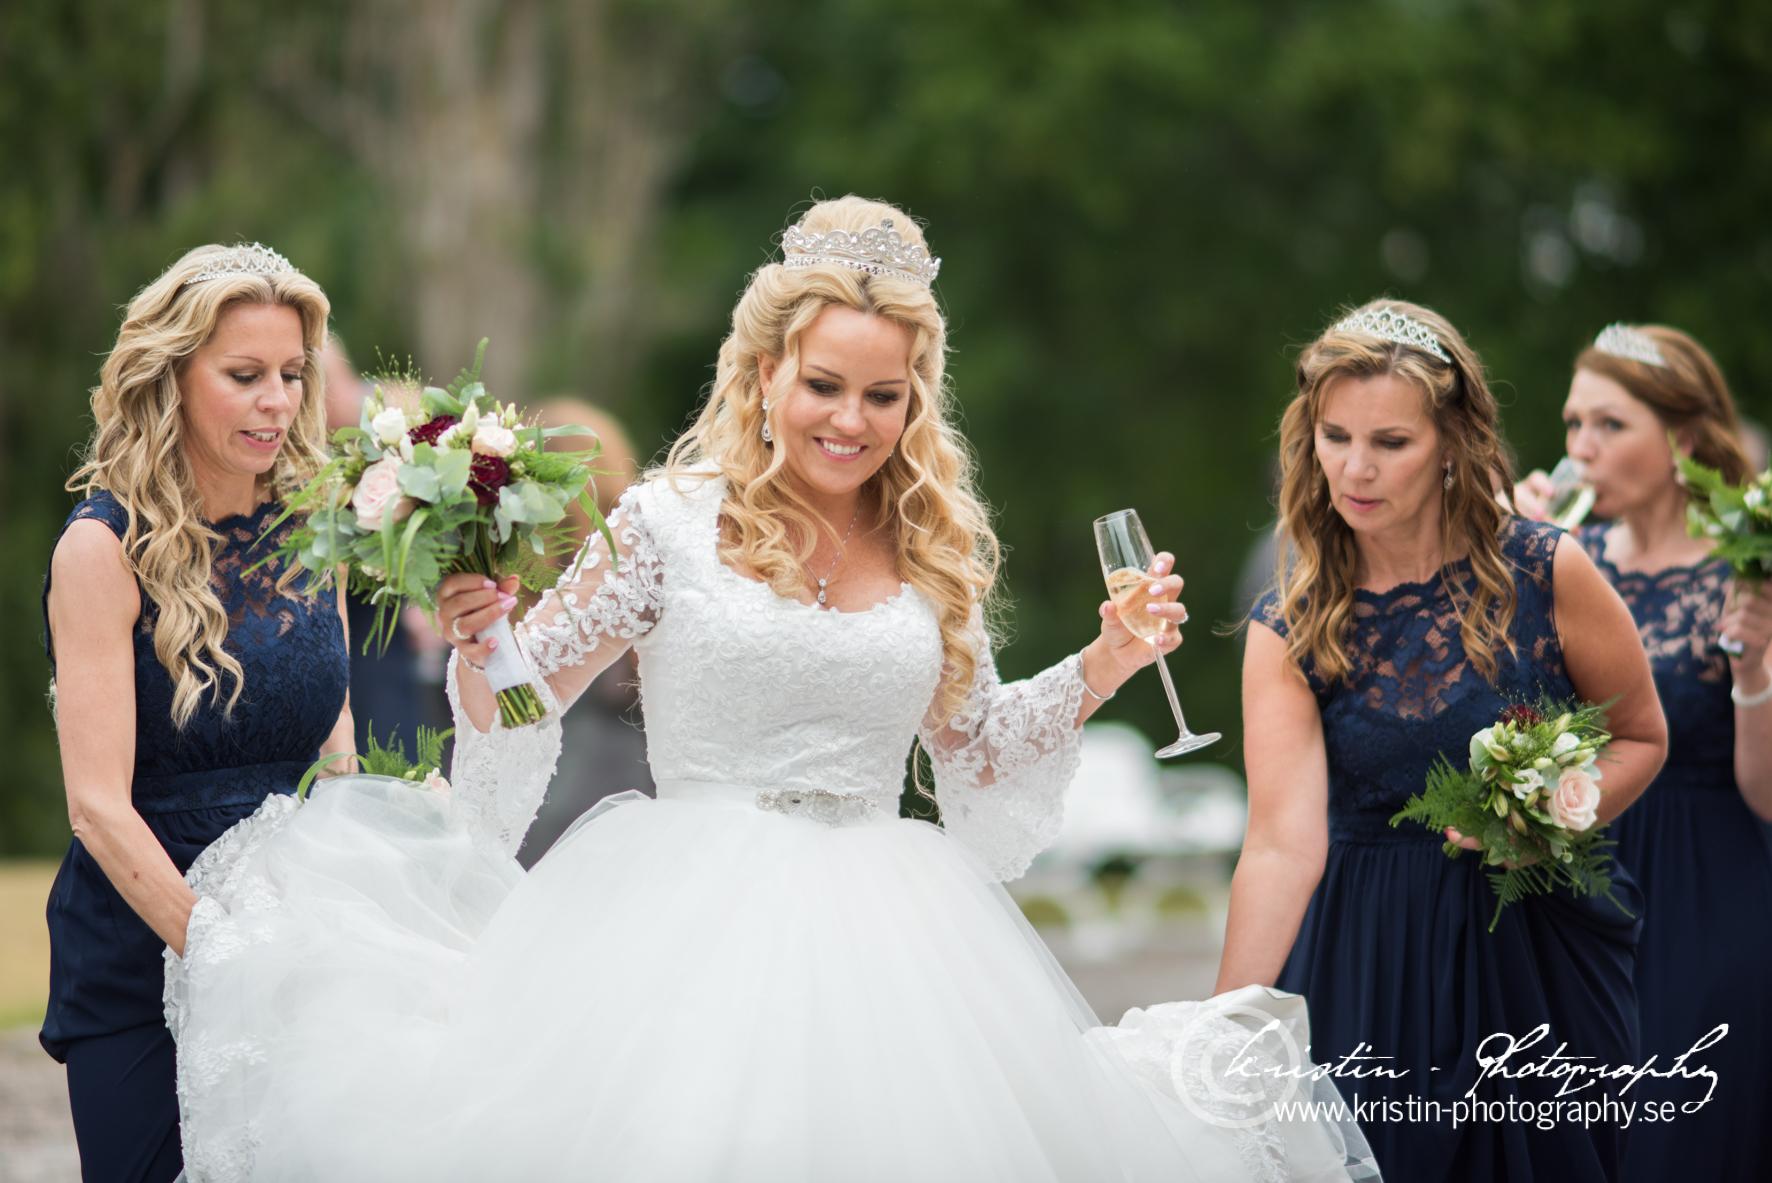 Bröllopsfotograf i Eskilstuna, Kristin - Photography-286.jpg